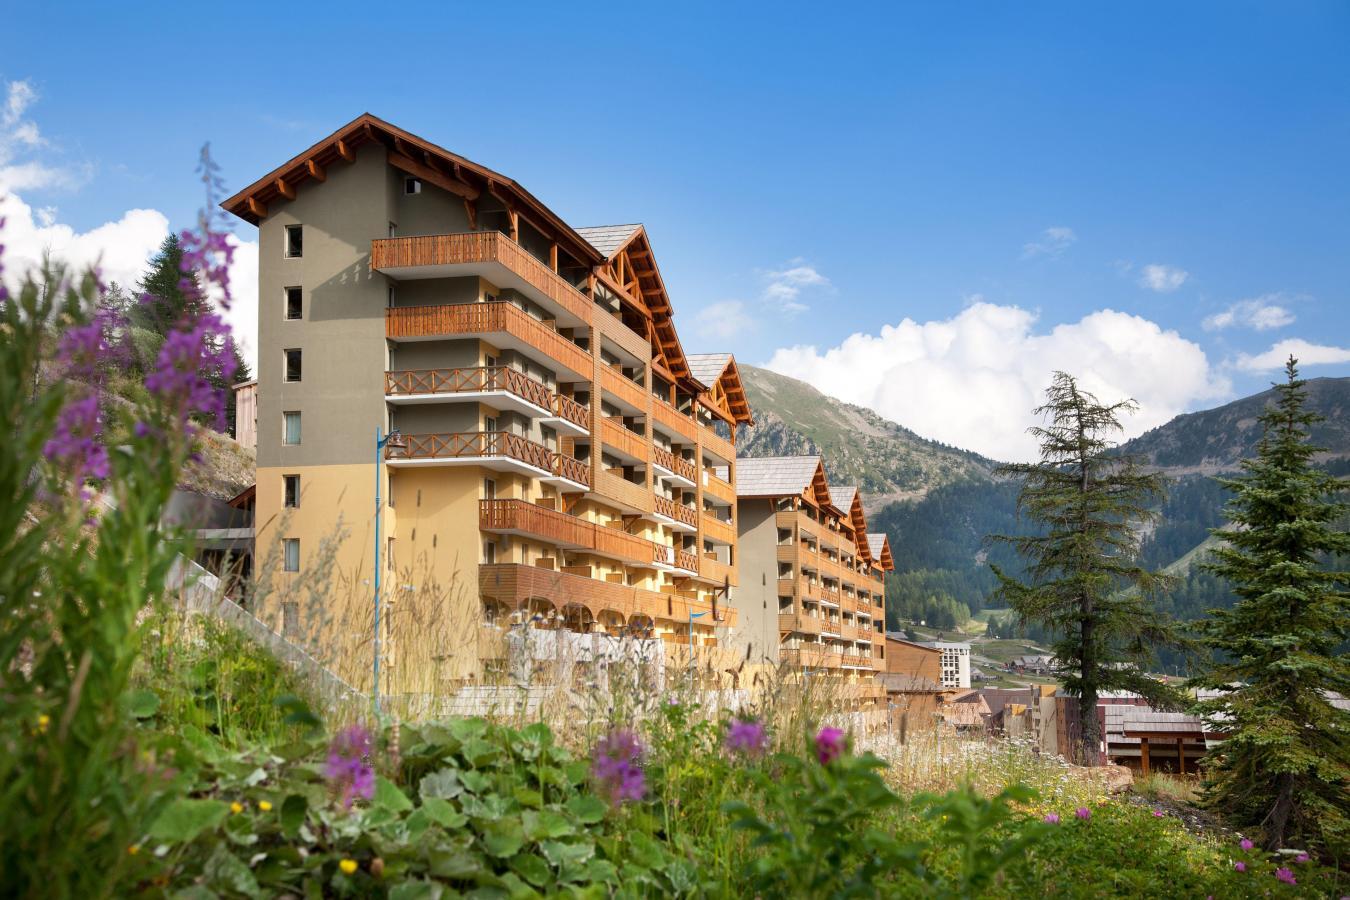 Rental Residence Club Mmv Les Terrasses D'isola summer